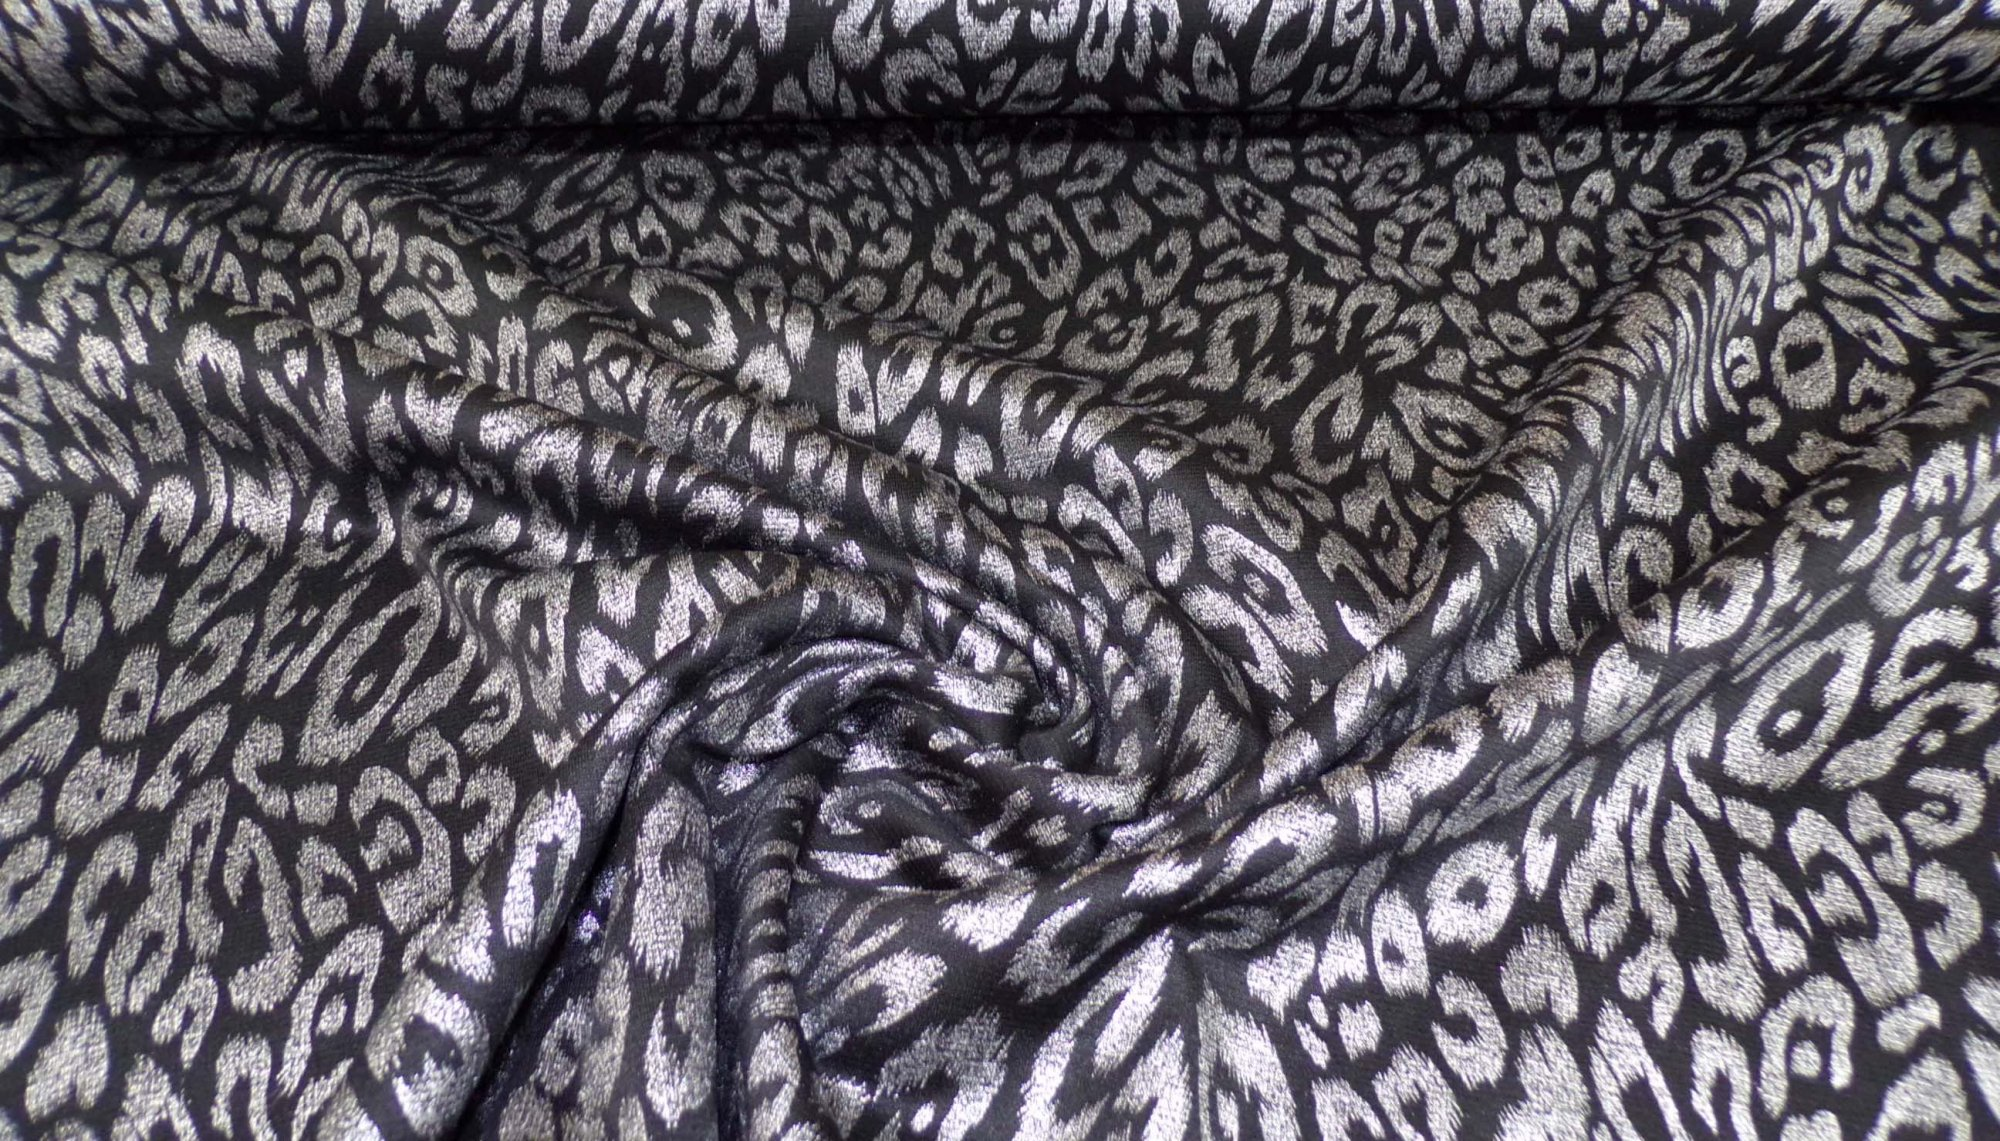 Silver and Black Ponte (Scuba) Knit - 8 oz - 58in